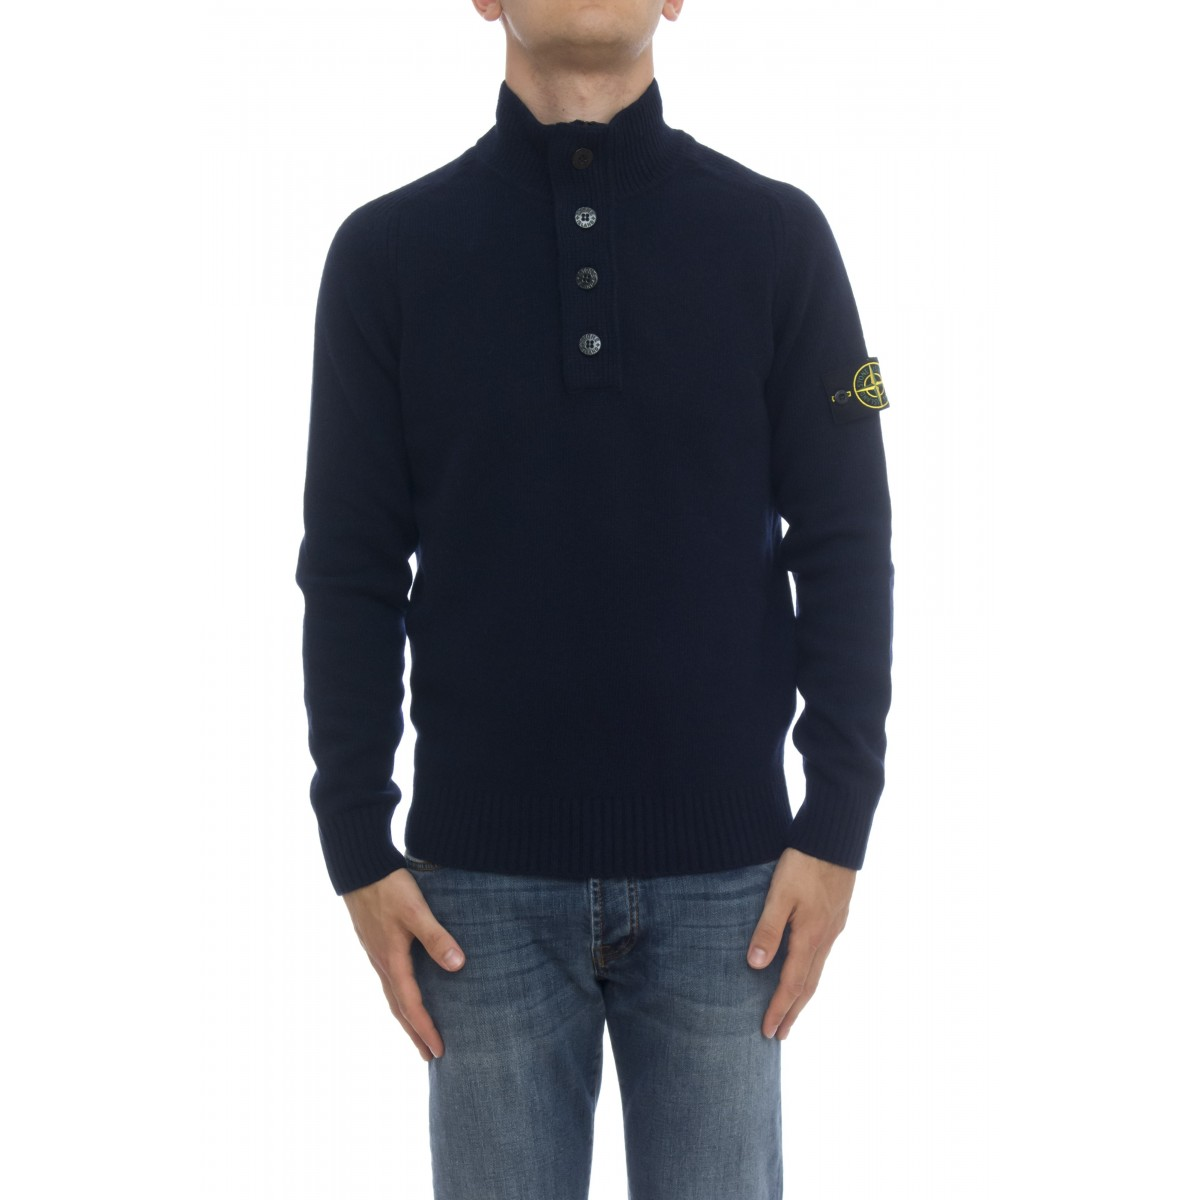 Maglia uomo - 532A3 maglia con zip e 4 bottoni